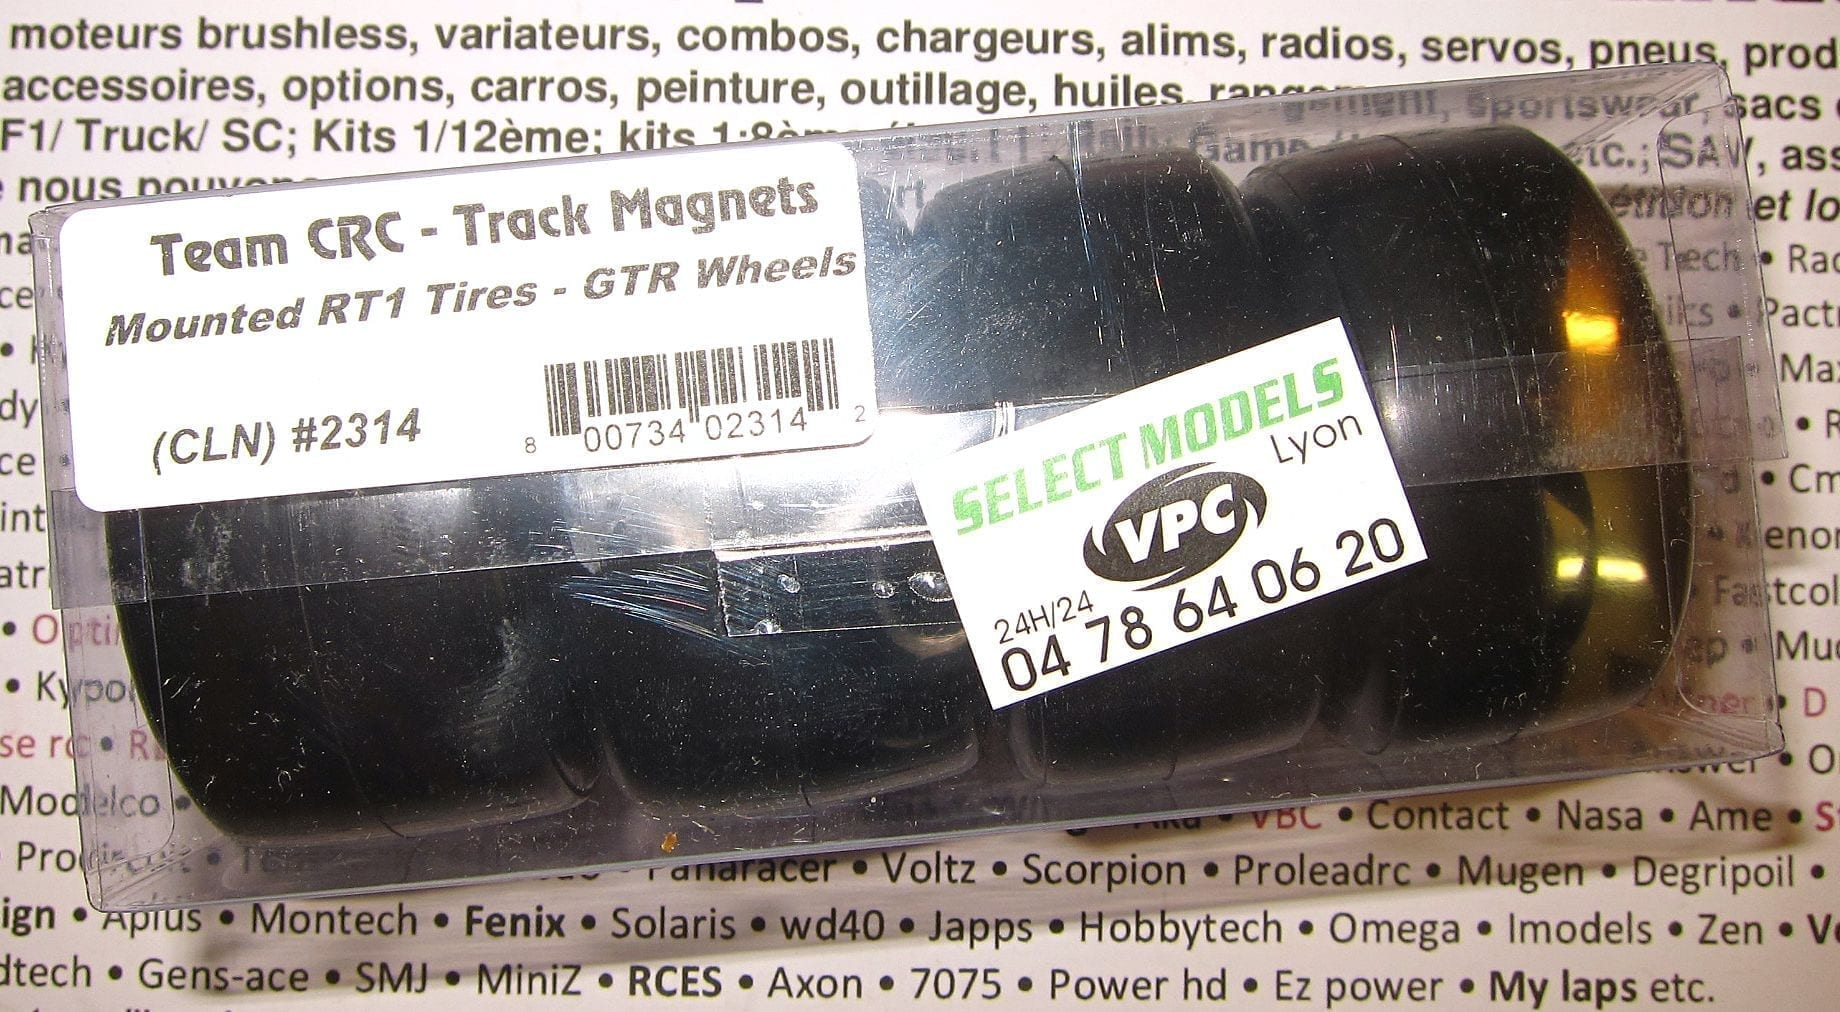 Pneus CRC pancar 200/235mm caoutchouc rt1!